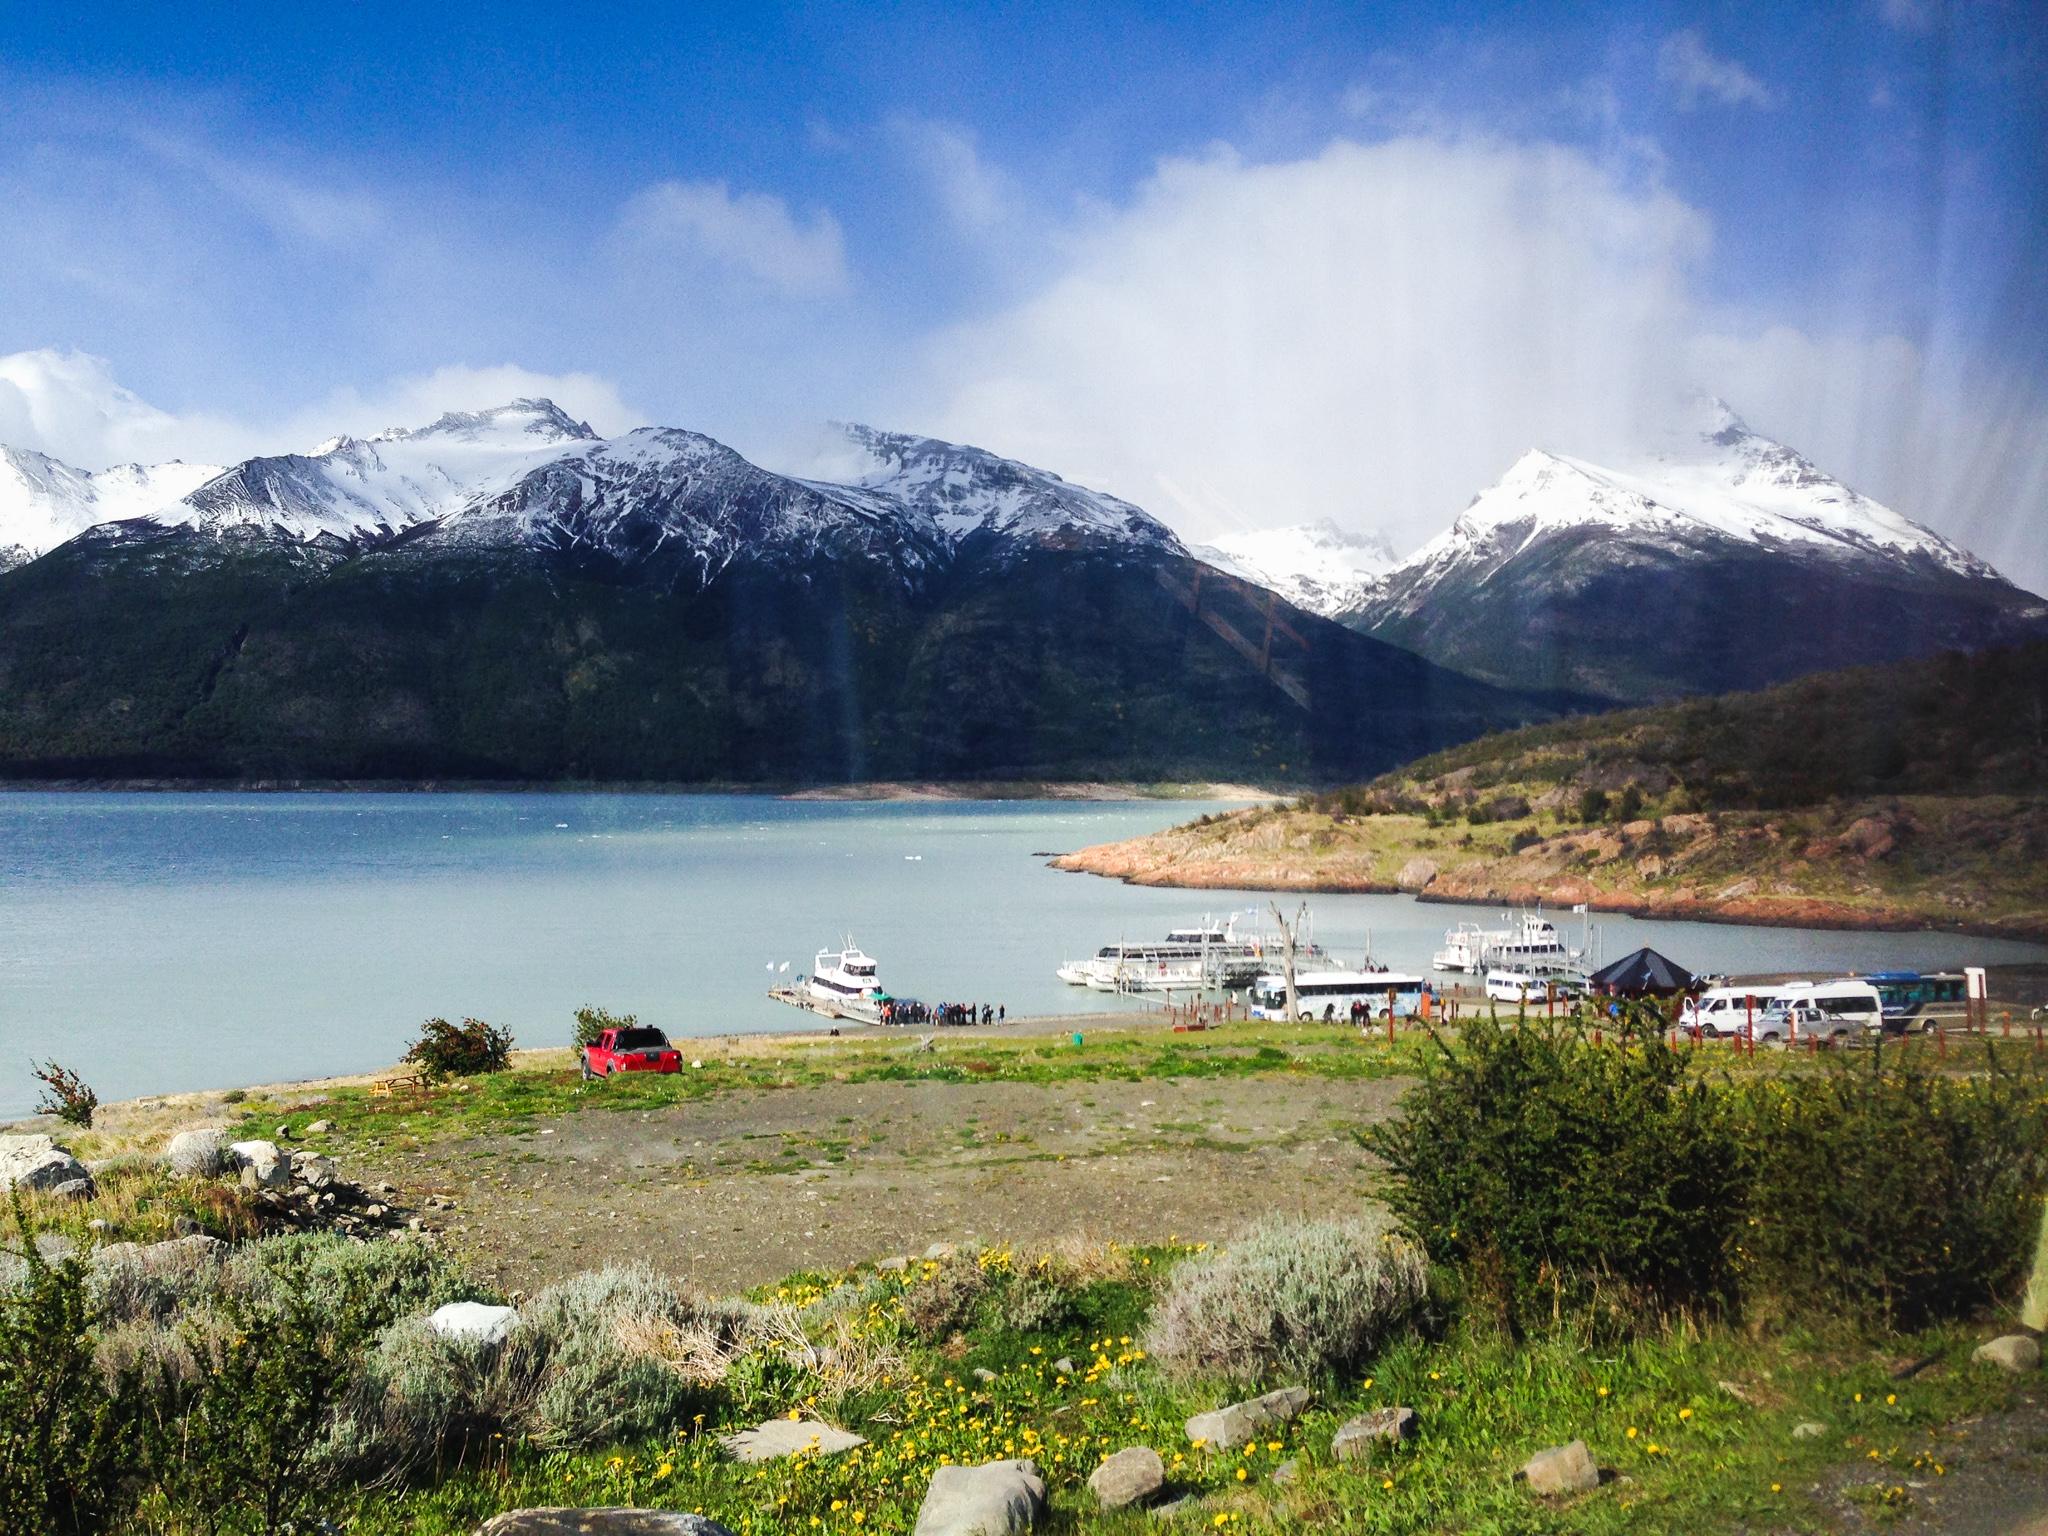 Lago Argentino, punto d'imbarco per visitare il Perito Moreno